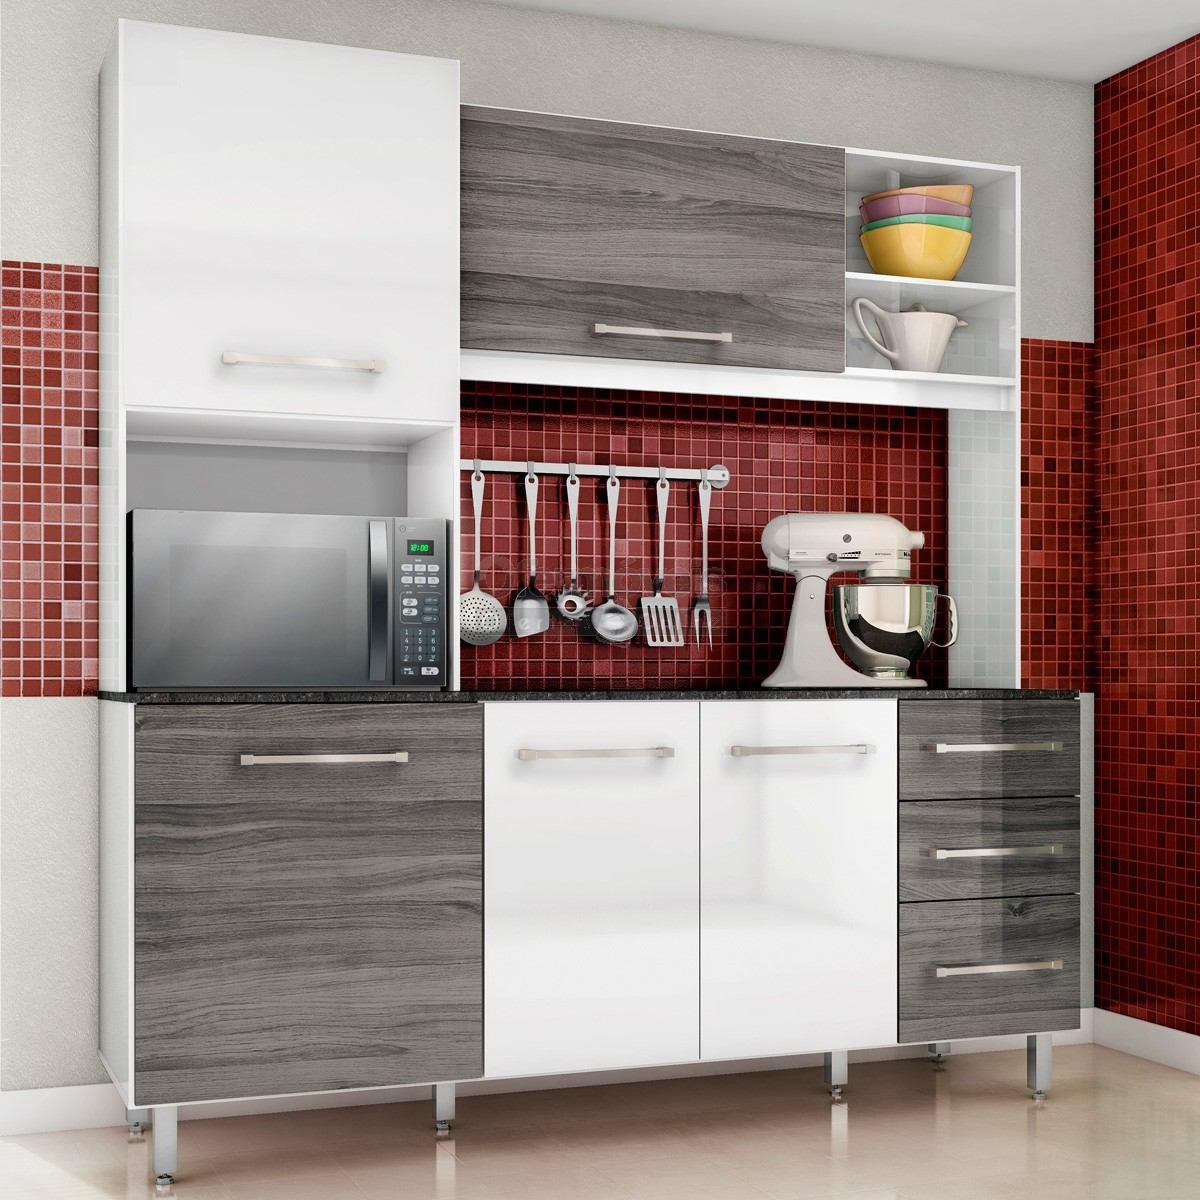 Mueble Cocina Compacto Con Pileta Incluida Vero Sensacion  # Muebles Compactos